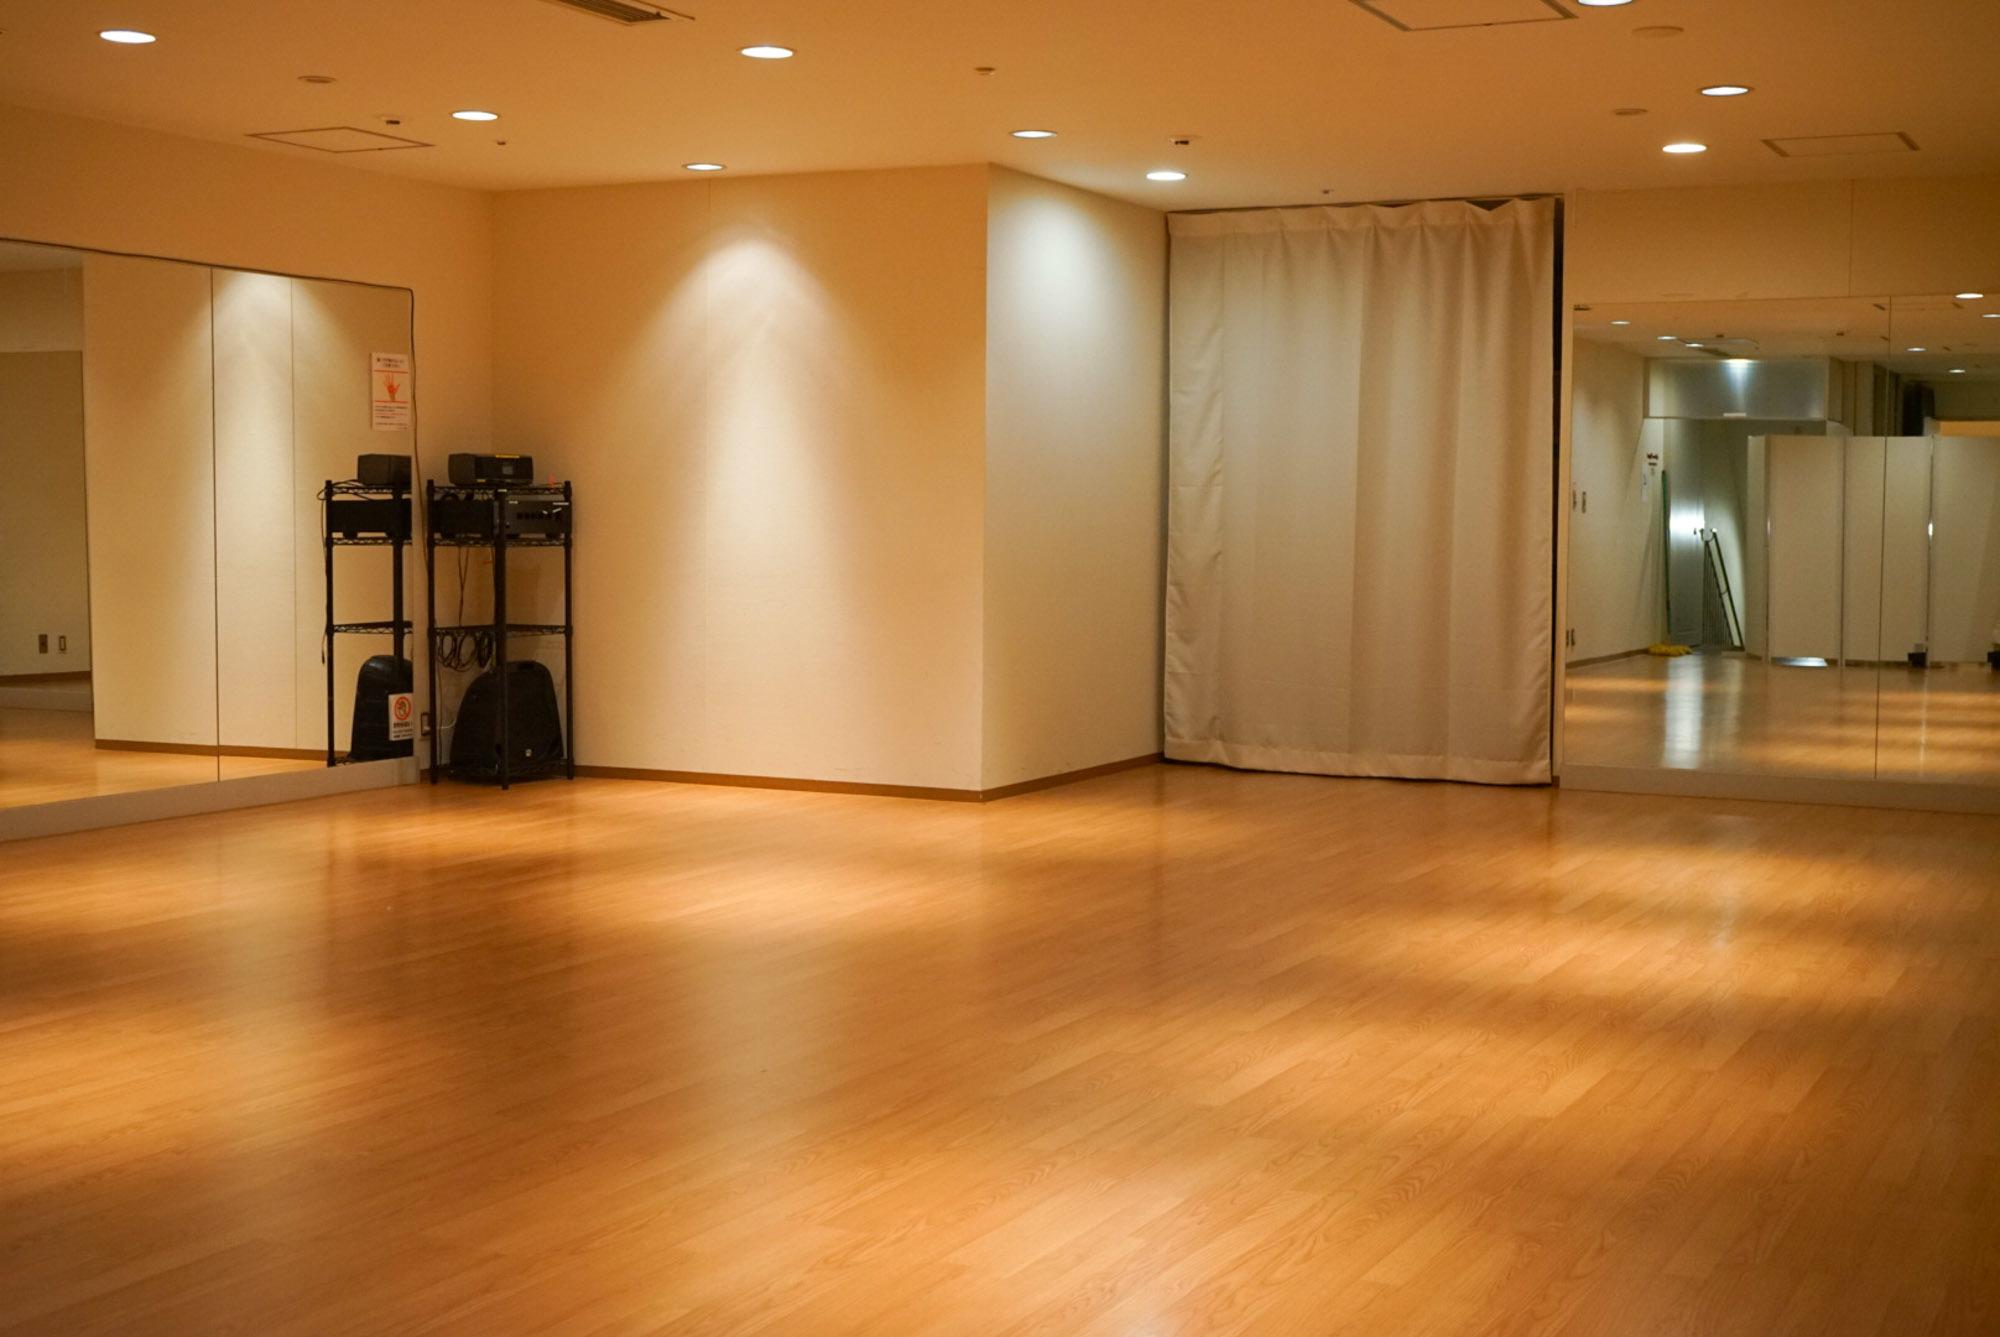 ファースト・プレイス東京 第4スタジオの室内の写真